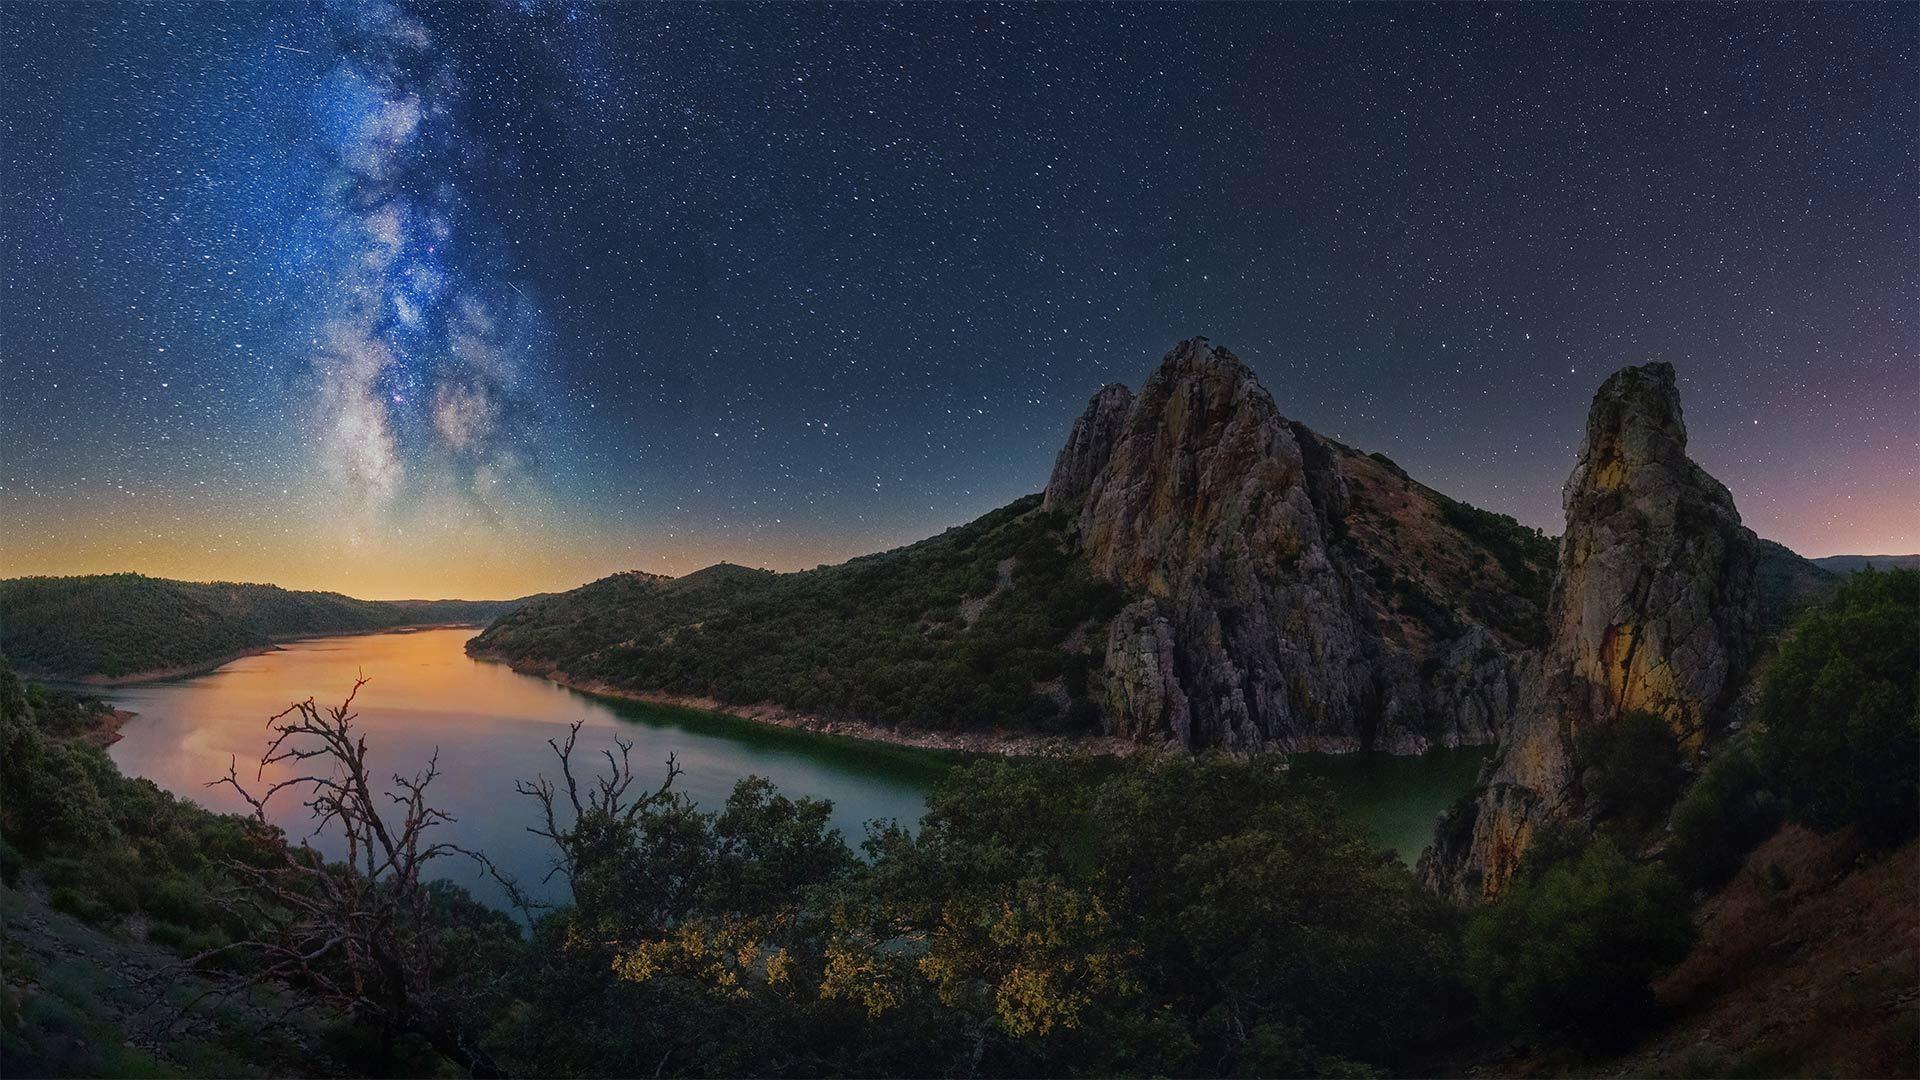 塔霍河上空的银河塔霍河üe